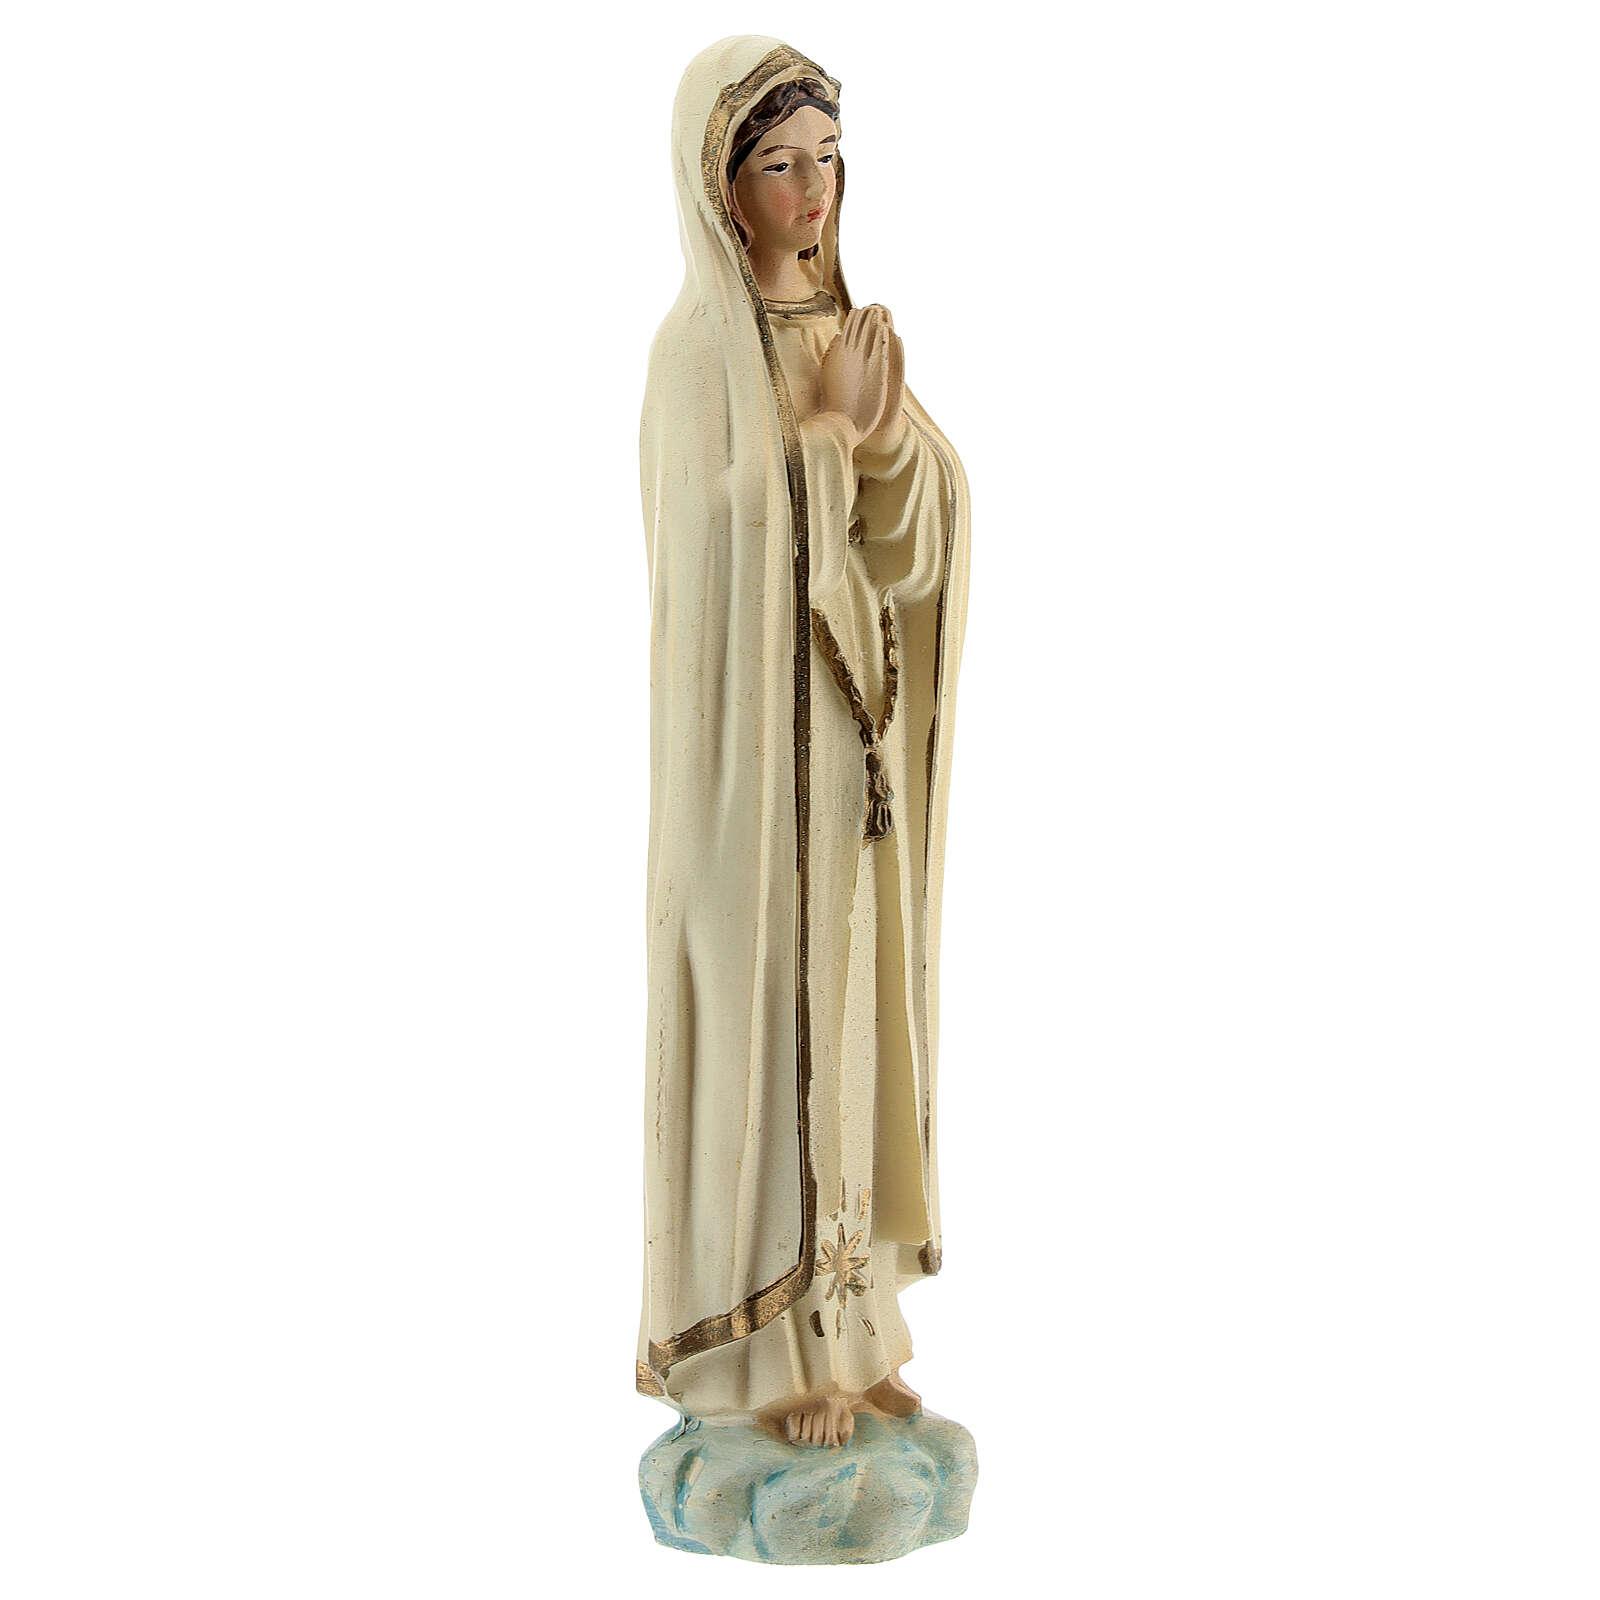 Madonna Fatima preghiera stella oro statua resina 12 cm 4